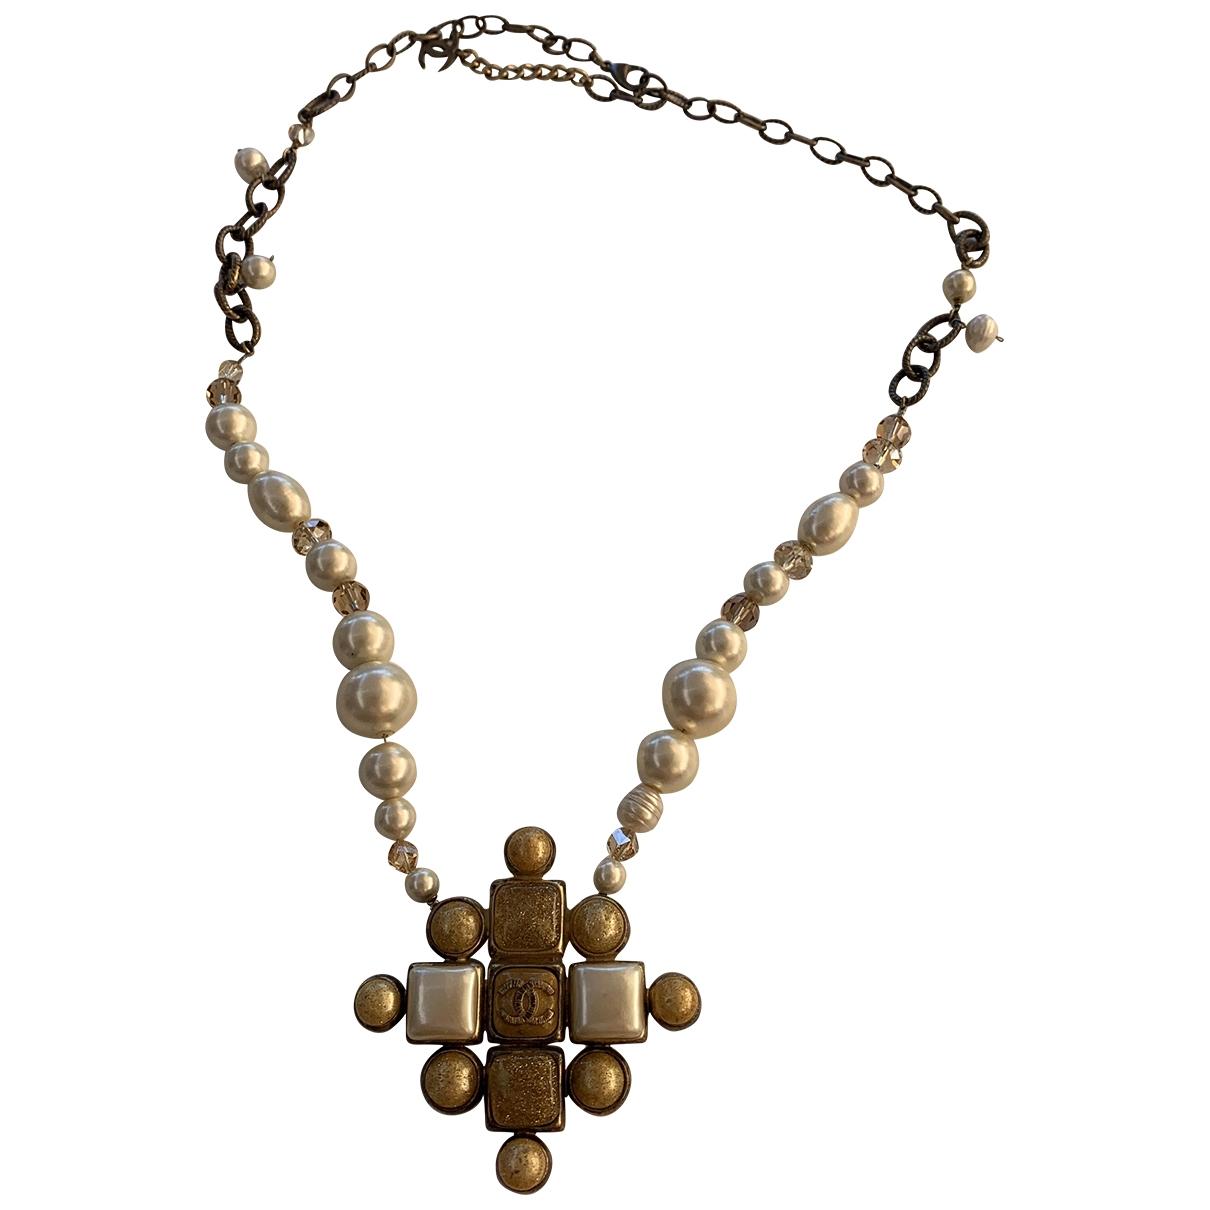 Collar Baroque de Perlas Chanel